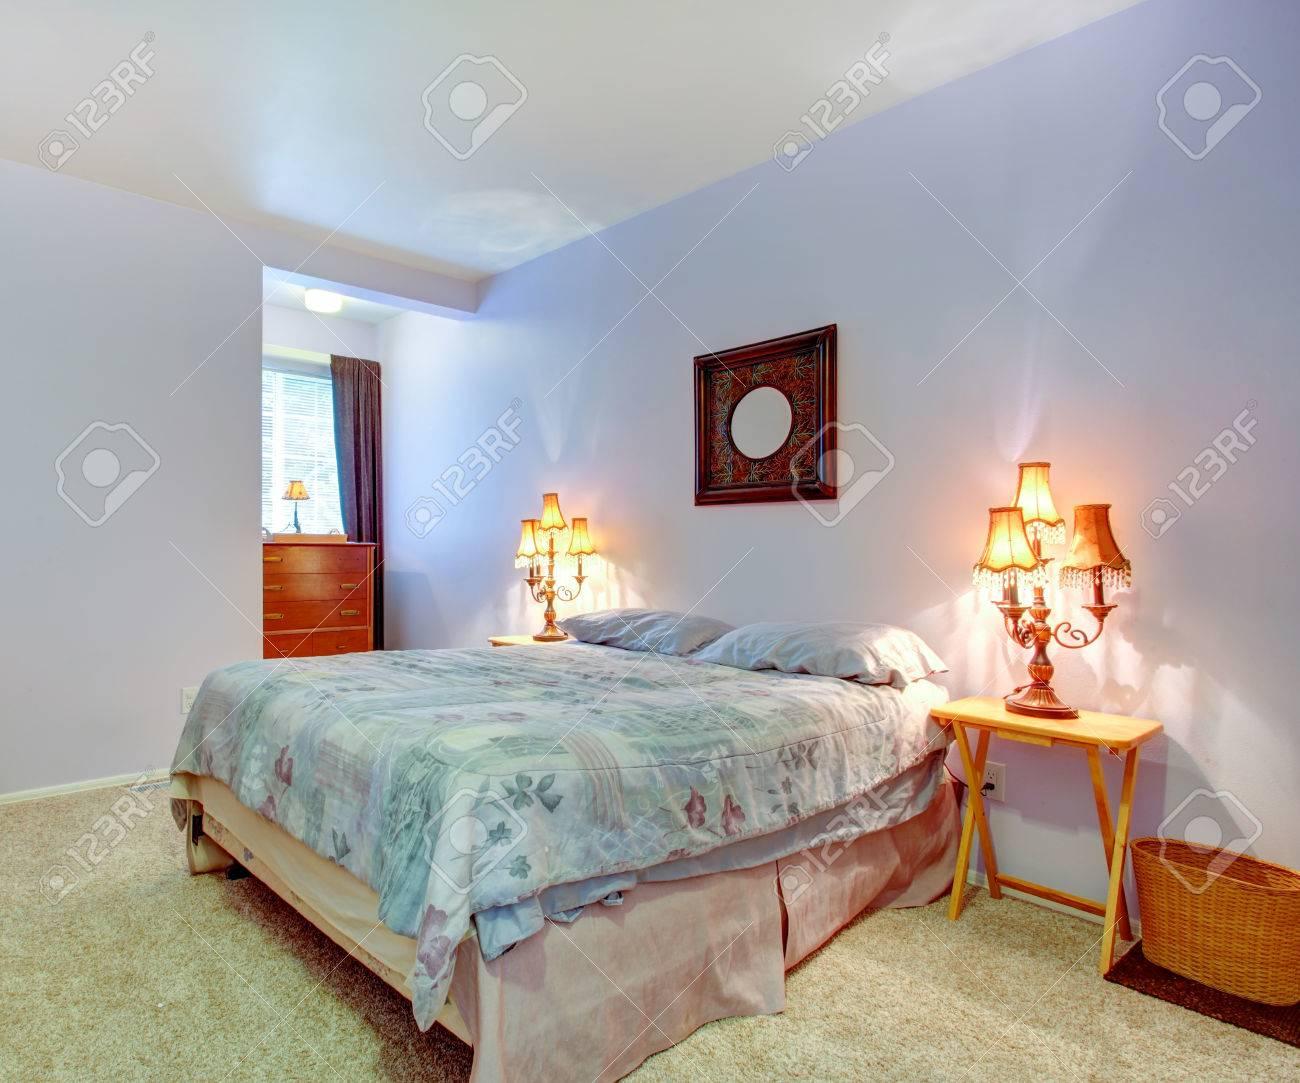 Gentle Schlafzimmer Mit Lavendel Wände Und Teppichboden. Blick Auf ...